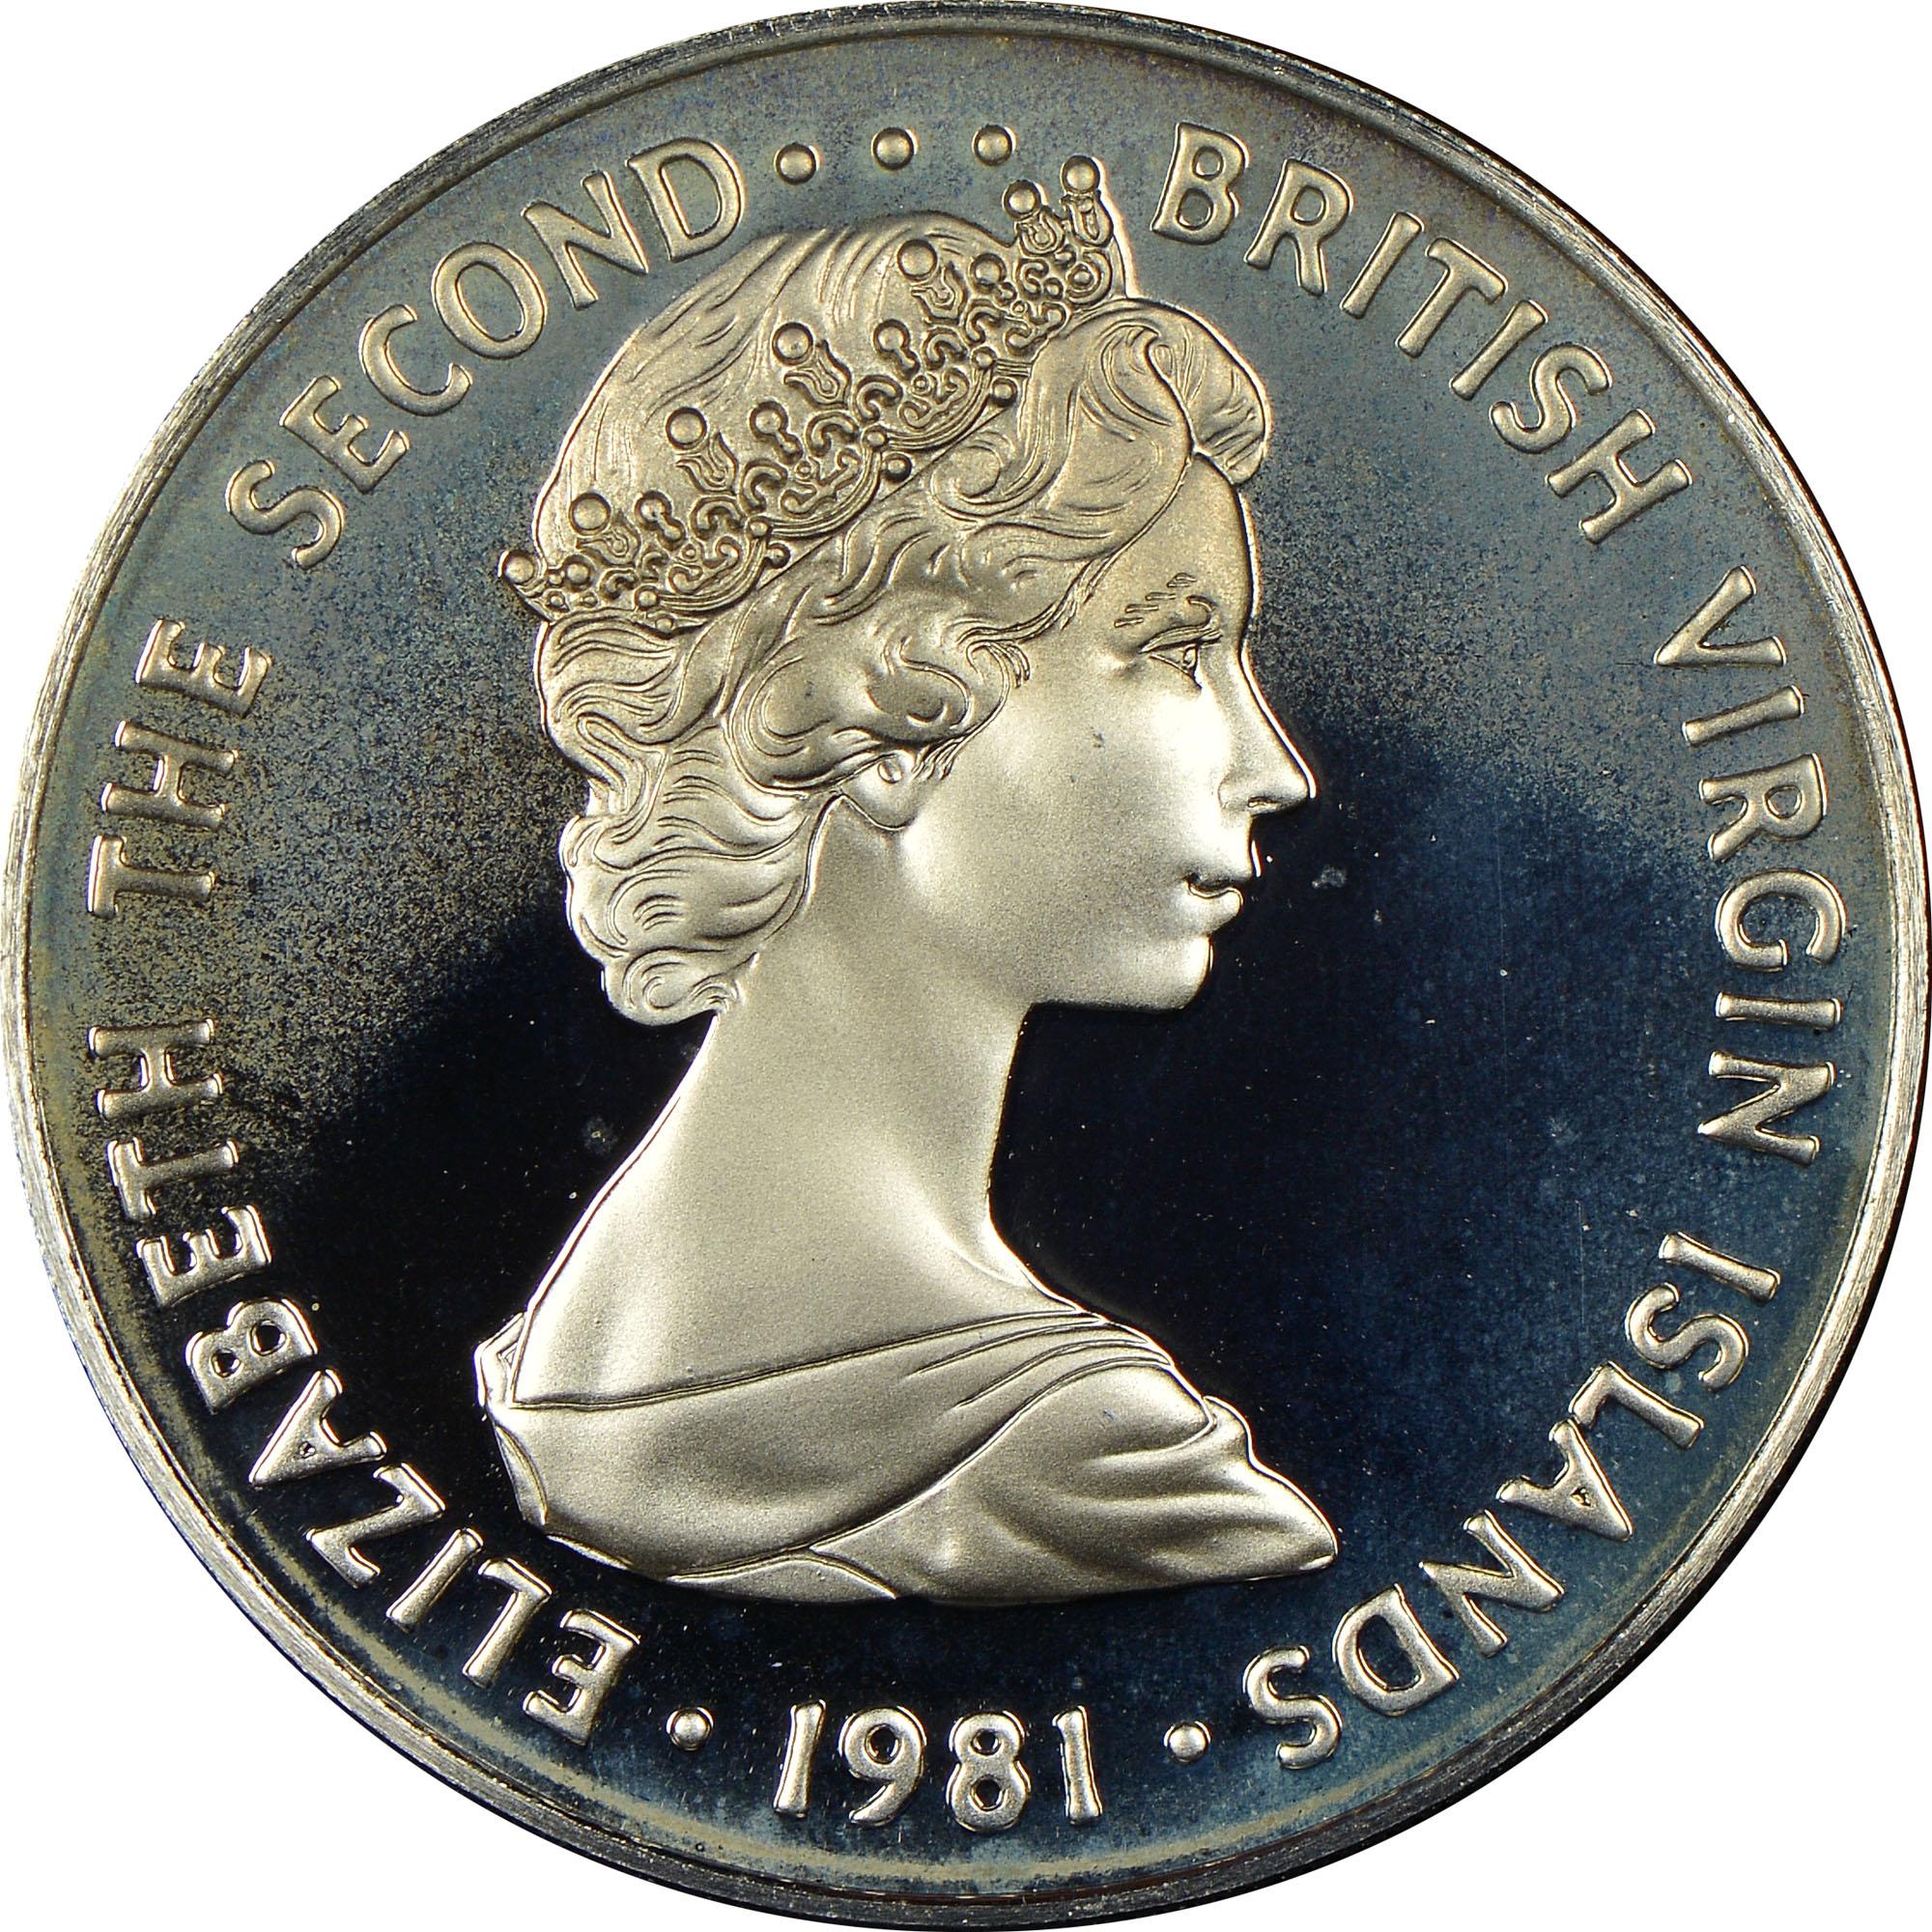 1973-1984 British Virgin Islands 25 Cents obverse